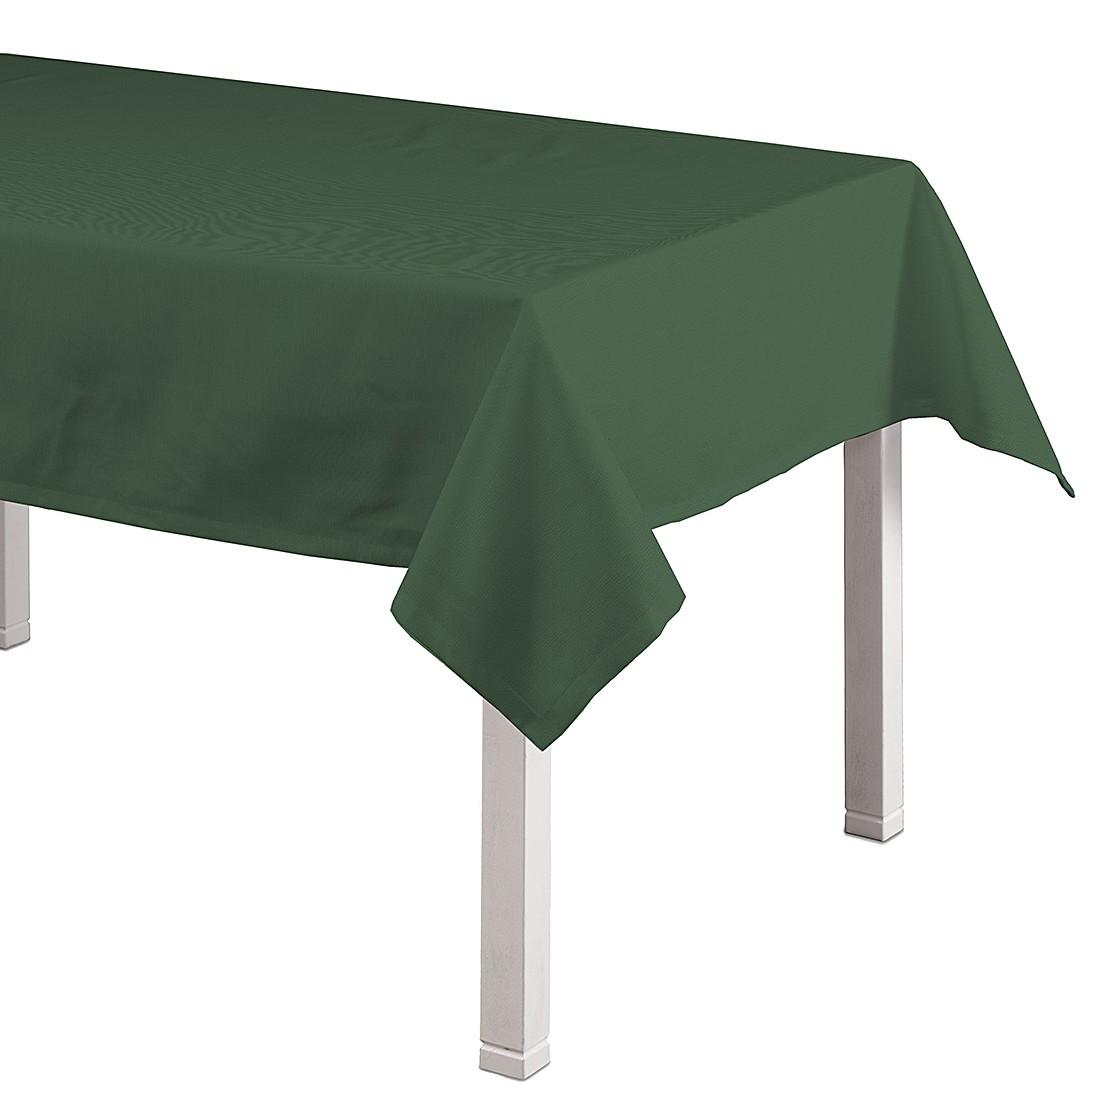 Tischdecke Cotton Panama – Tannengrün – 130 x 250 cm, Dekoria günstig bestellen